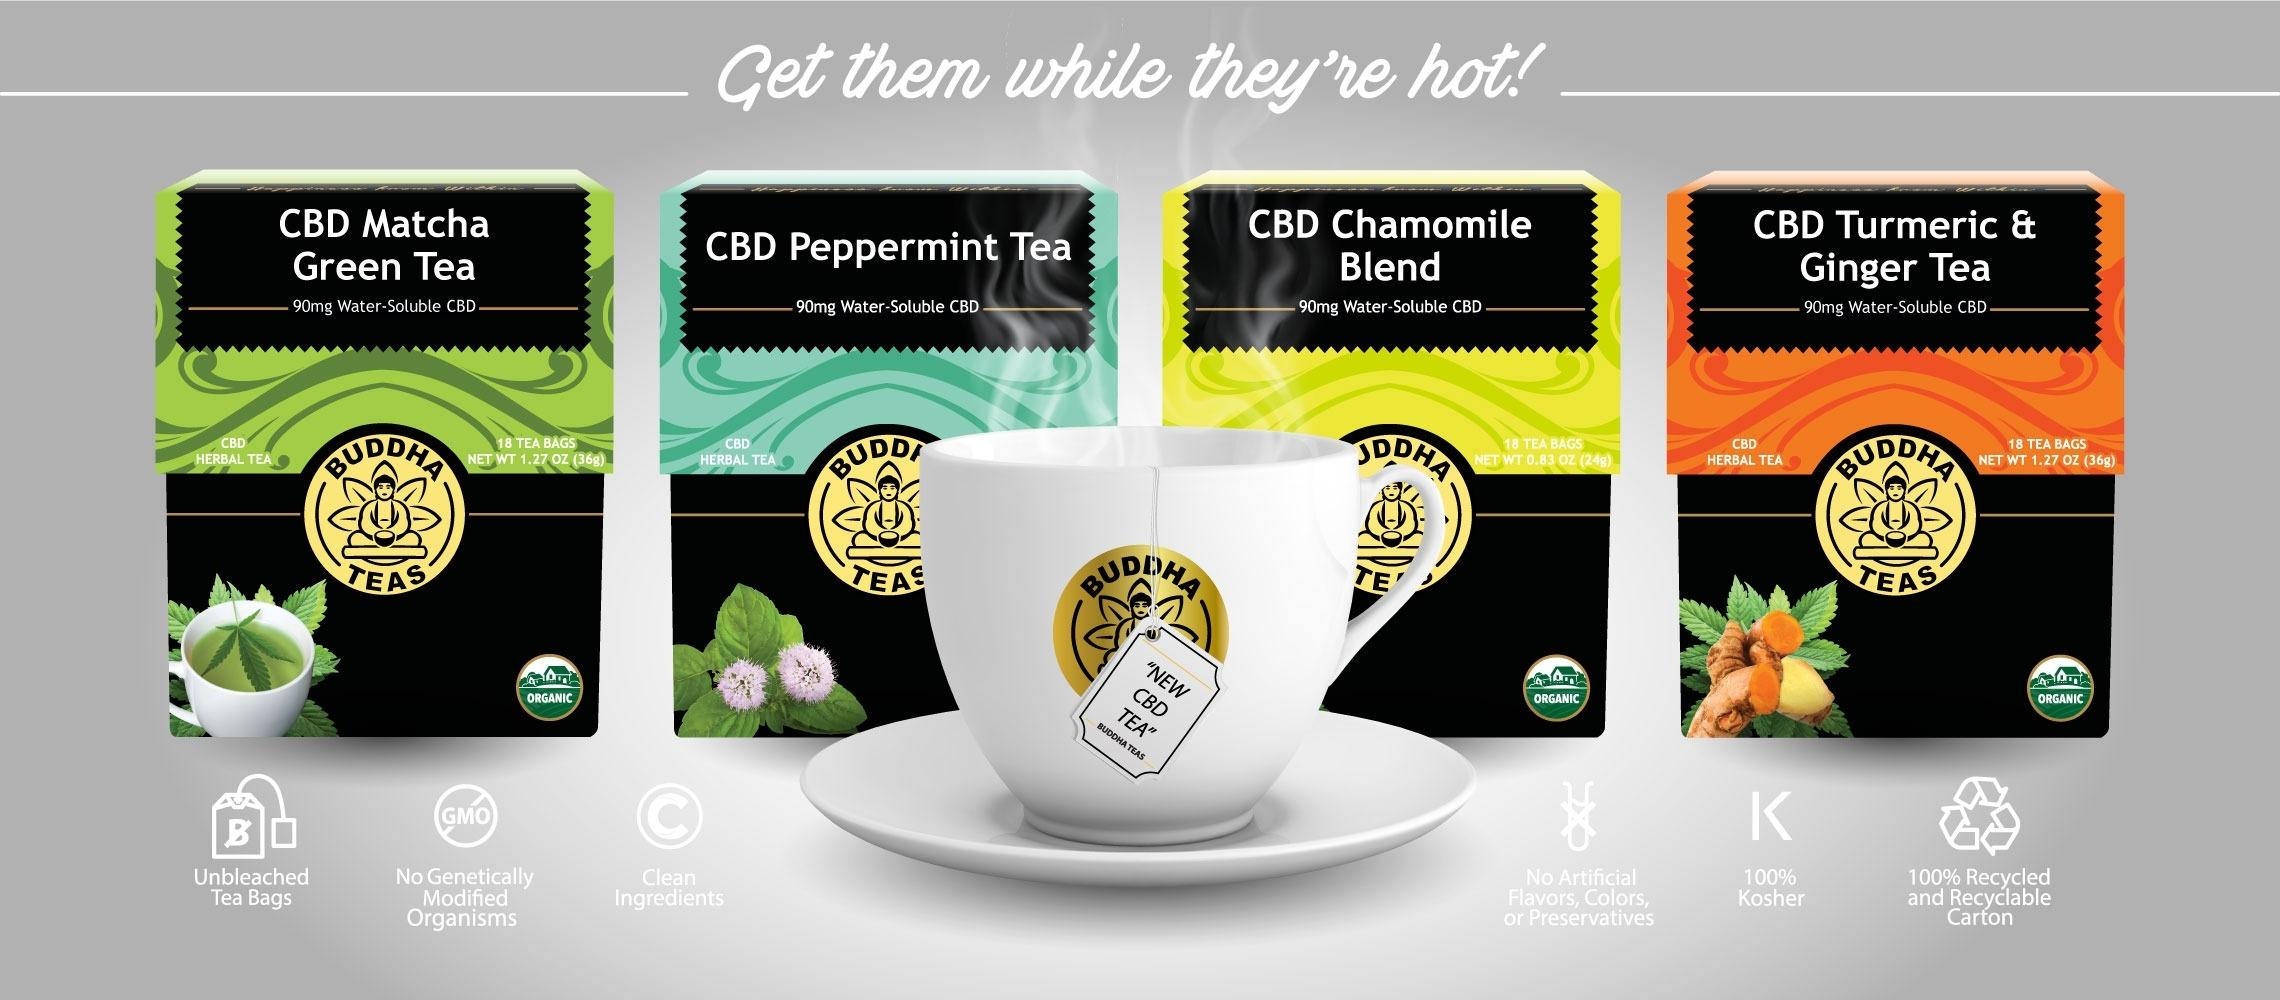 Buddha Teas - CBD Peppermint Tea